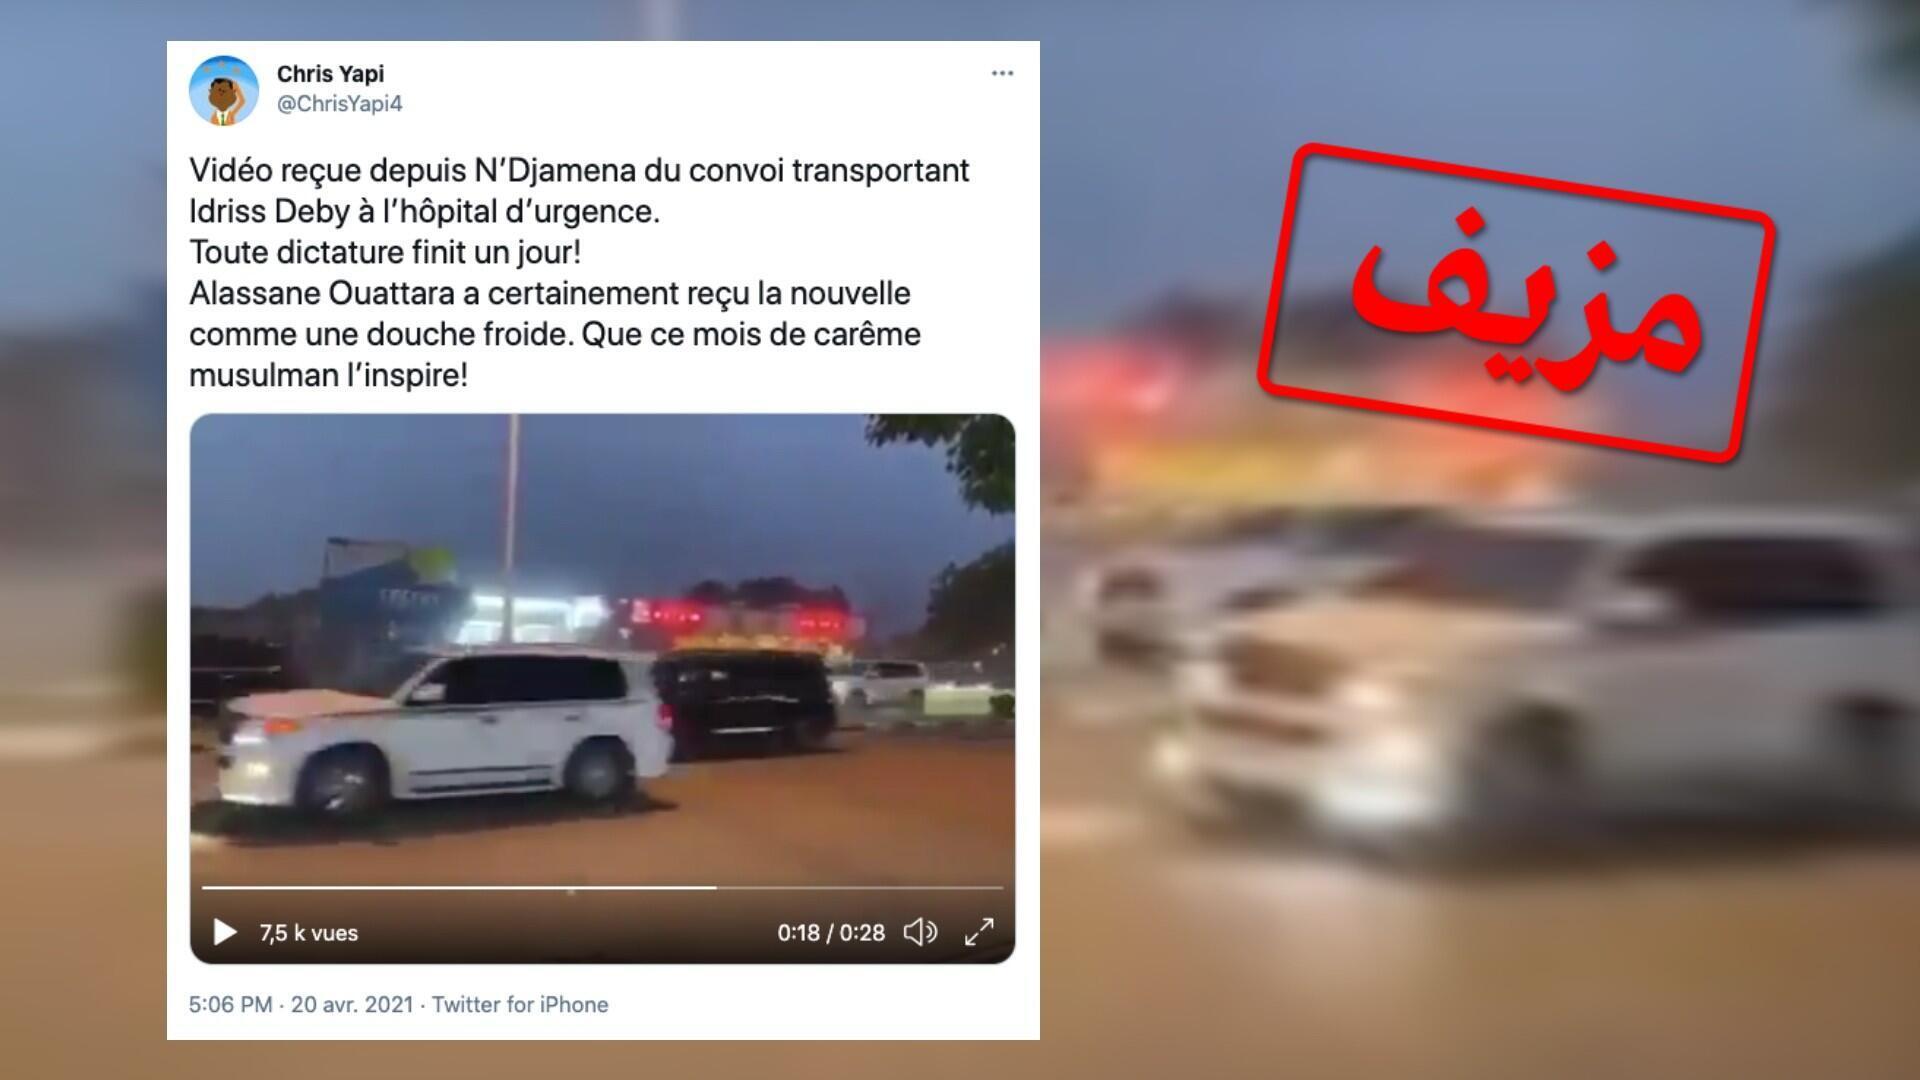 هذا المقطع المصور لا يمكن أن يتعلق بموكب ينقل الرئيس التشادي إلى المستشفى لأن تاريخ تصويره كان قبل بضعة أسابيع على الأقل. صورة مراقبون